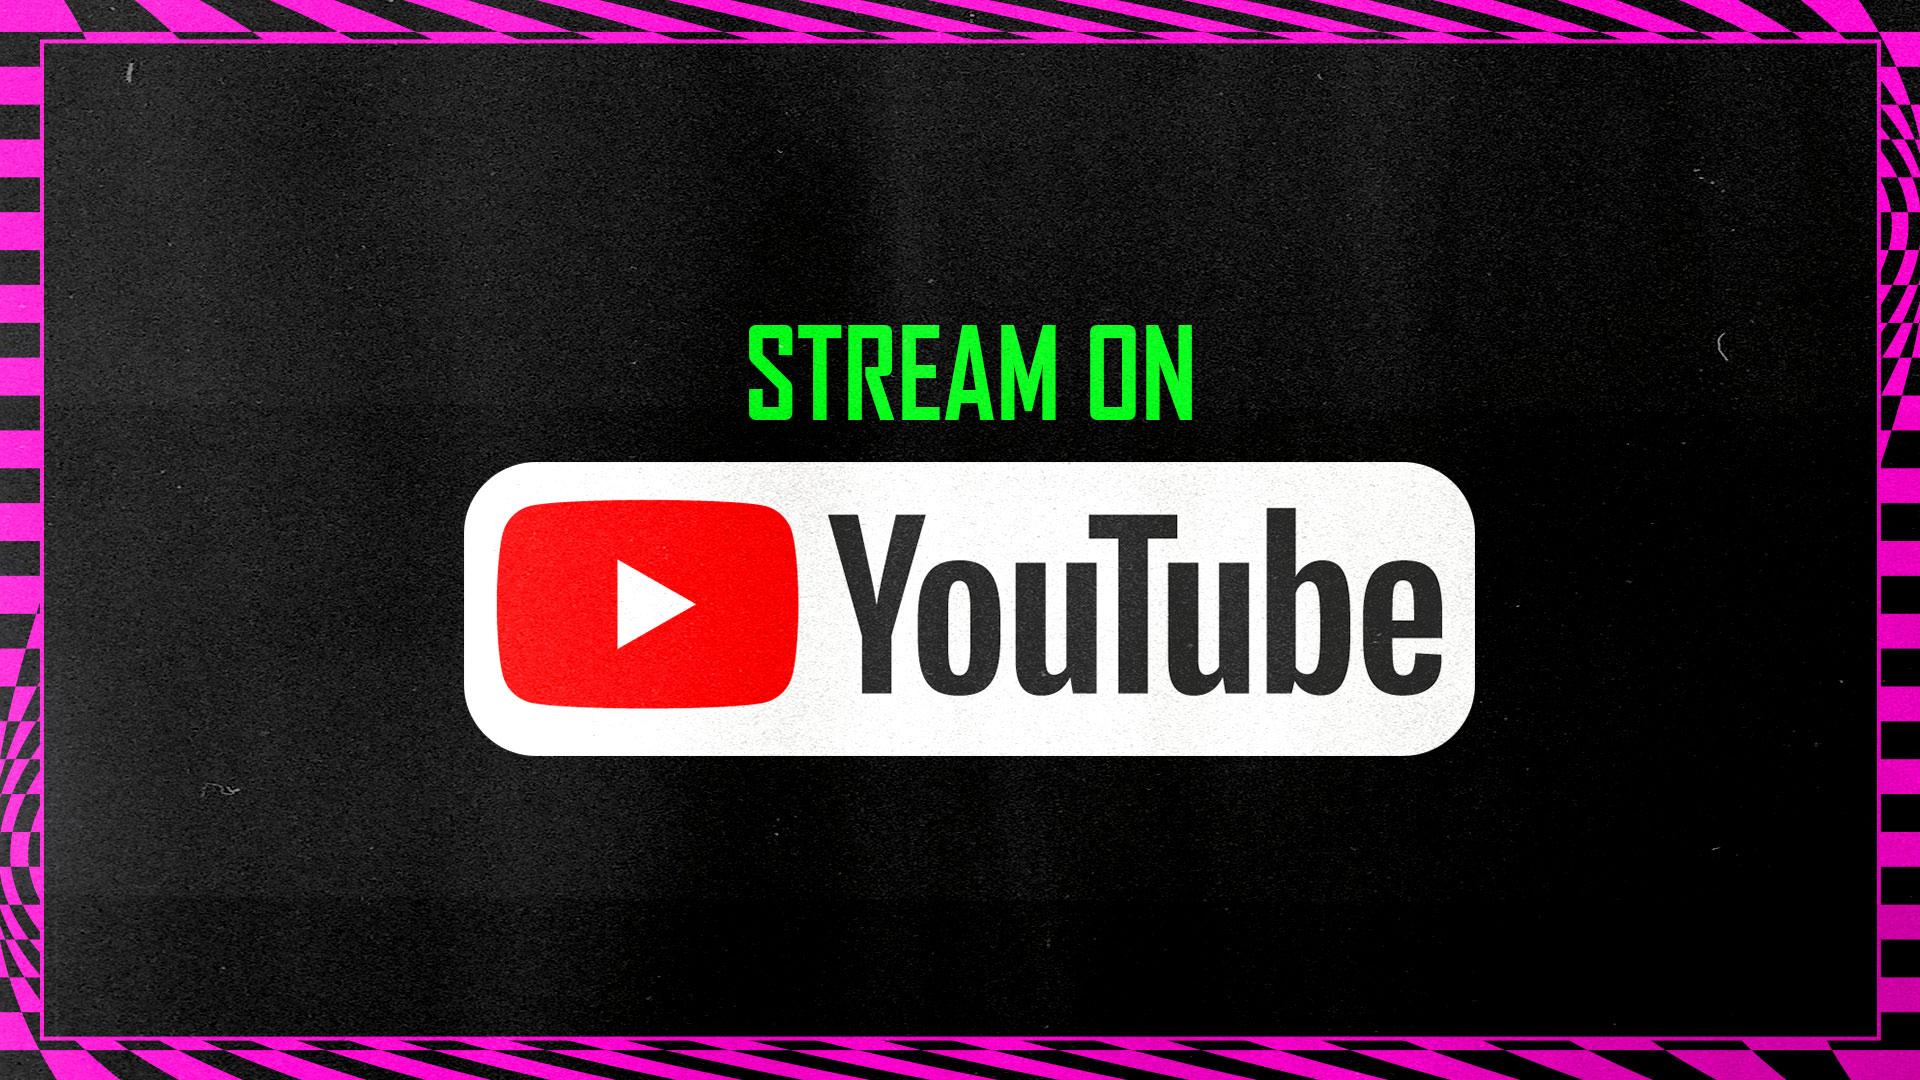 stream on youtube tile